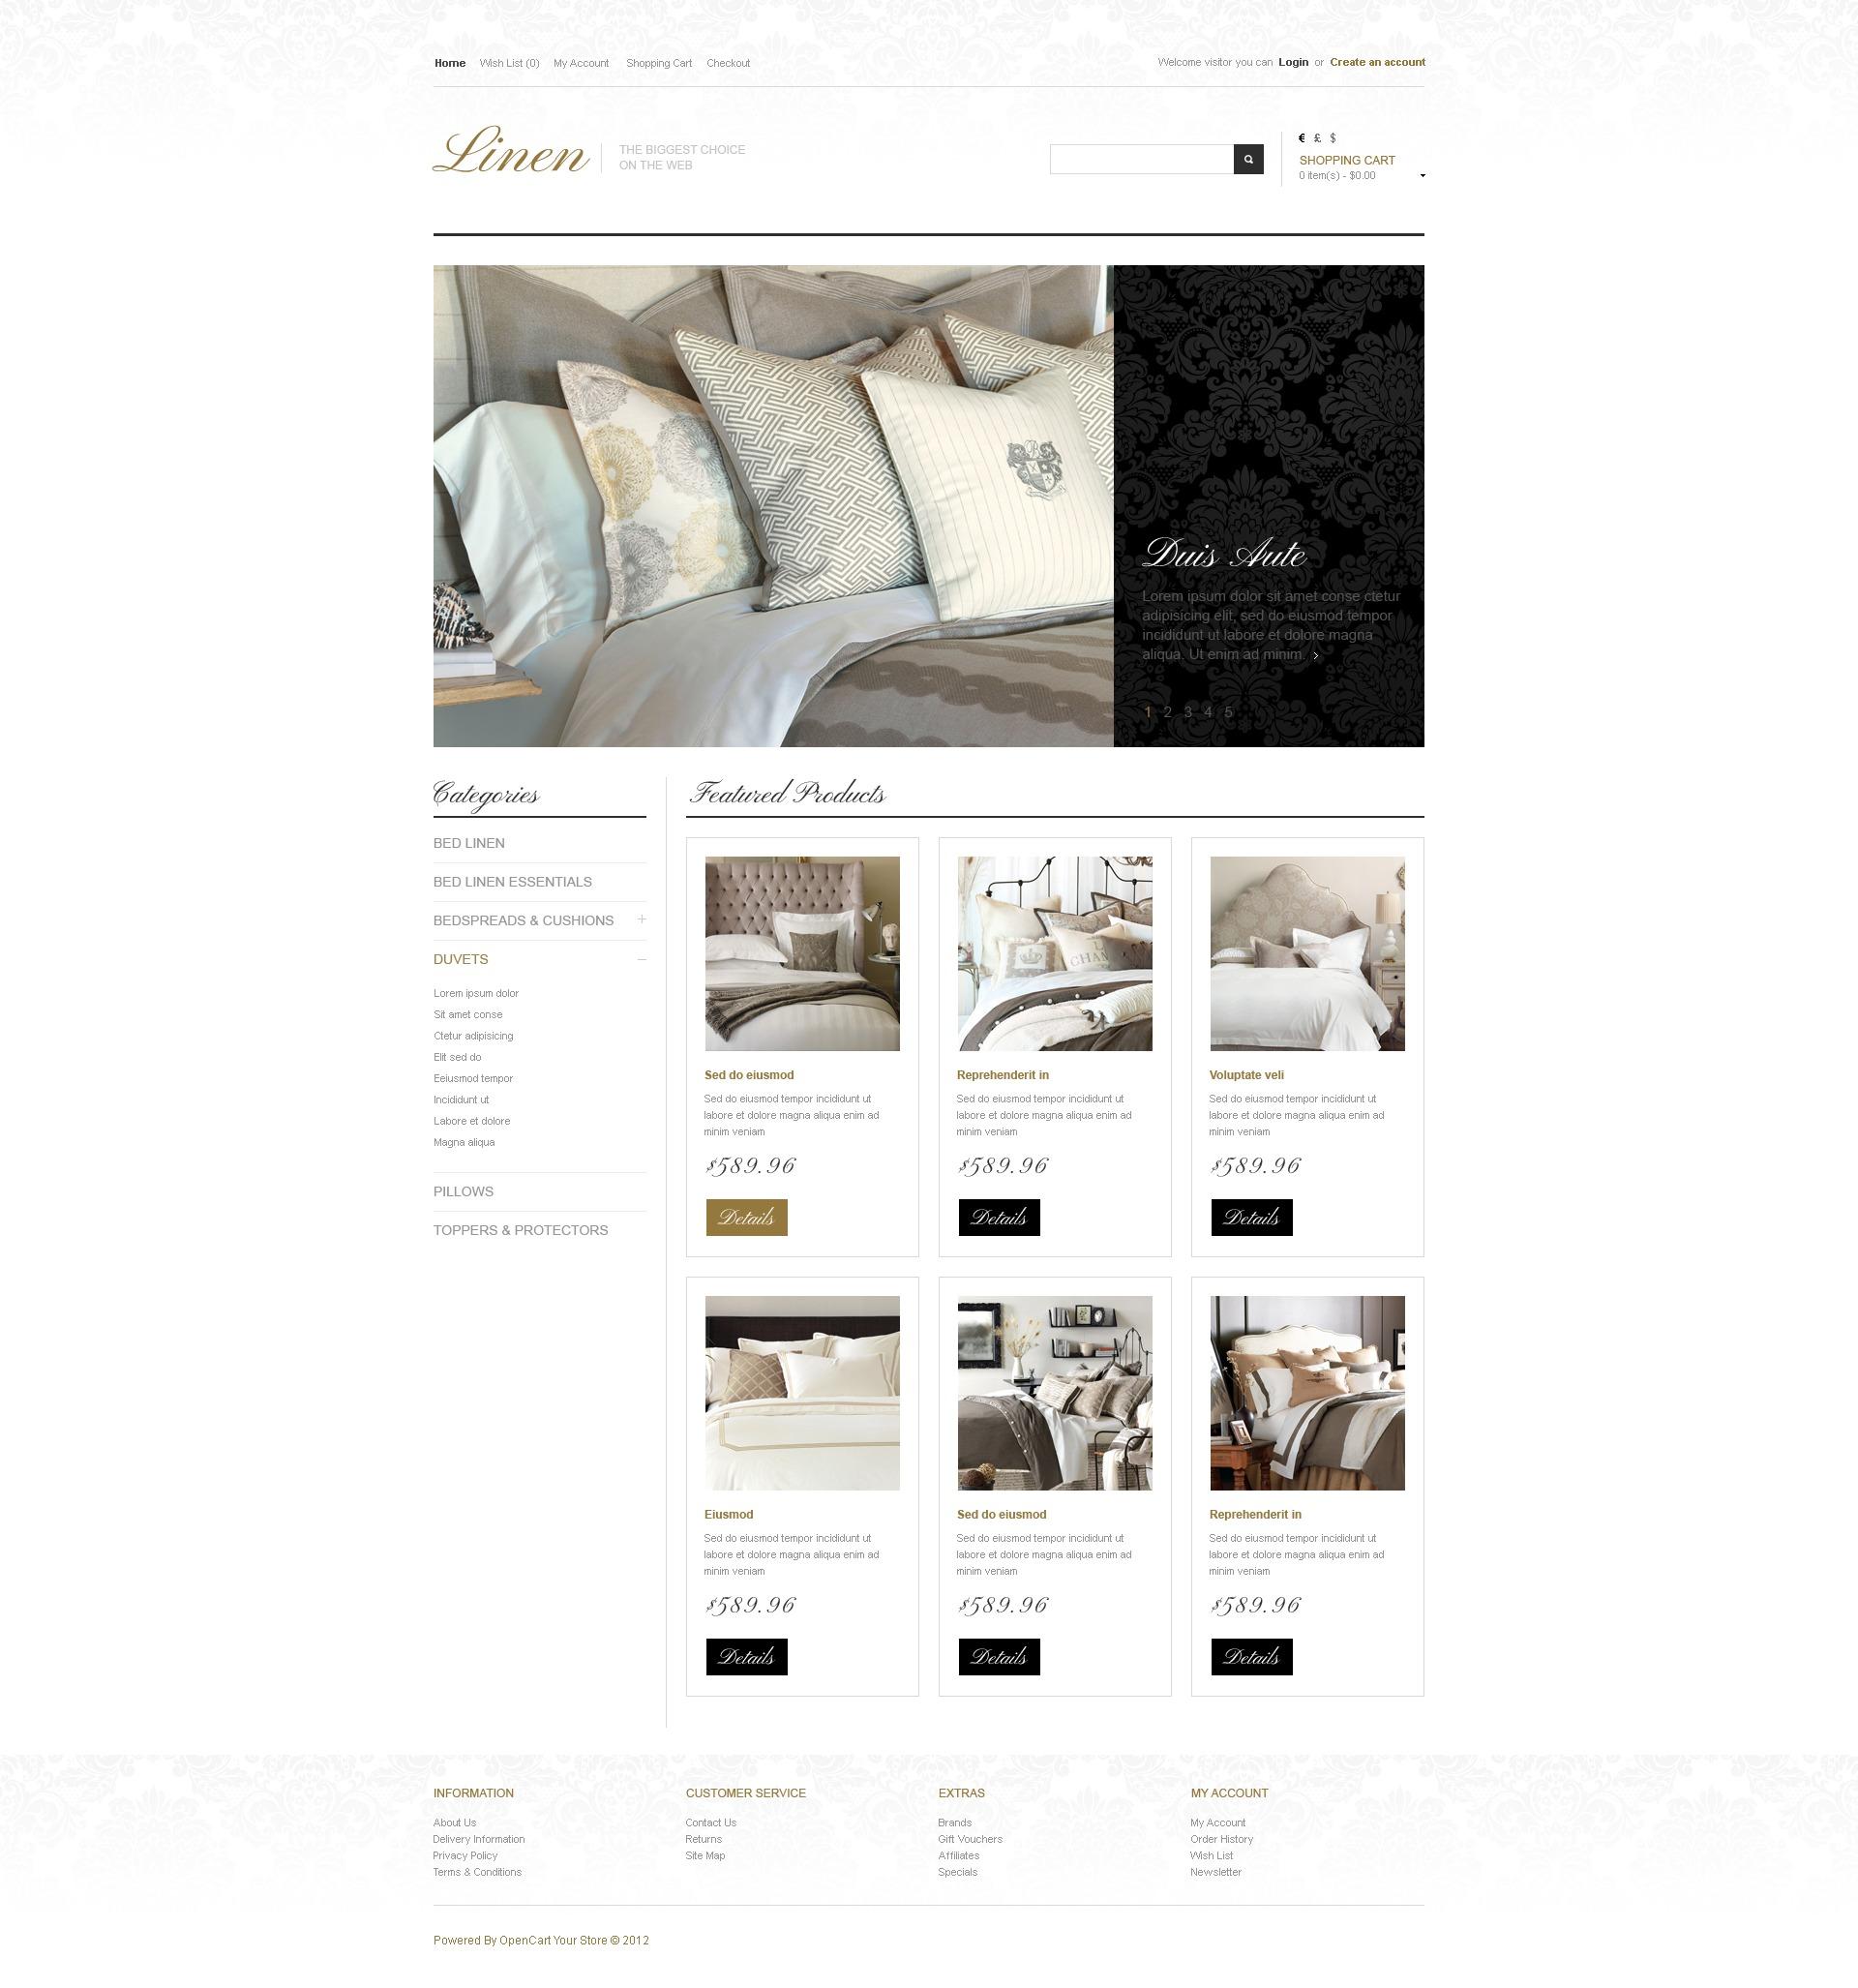 Linen for royal beds opencart template 41027 linen for royal beds opencart template toneelgroepblik Images